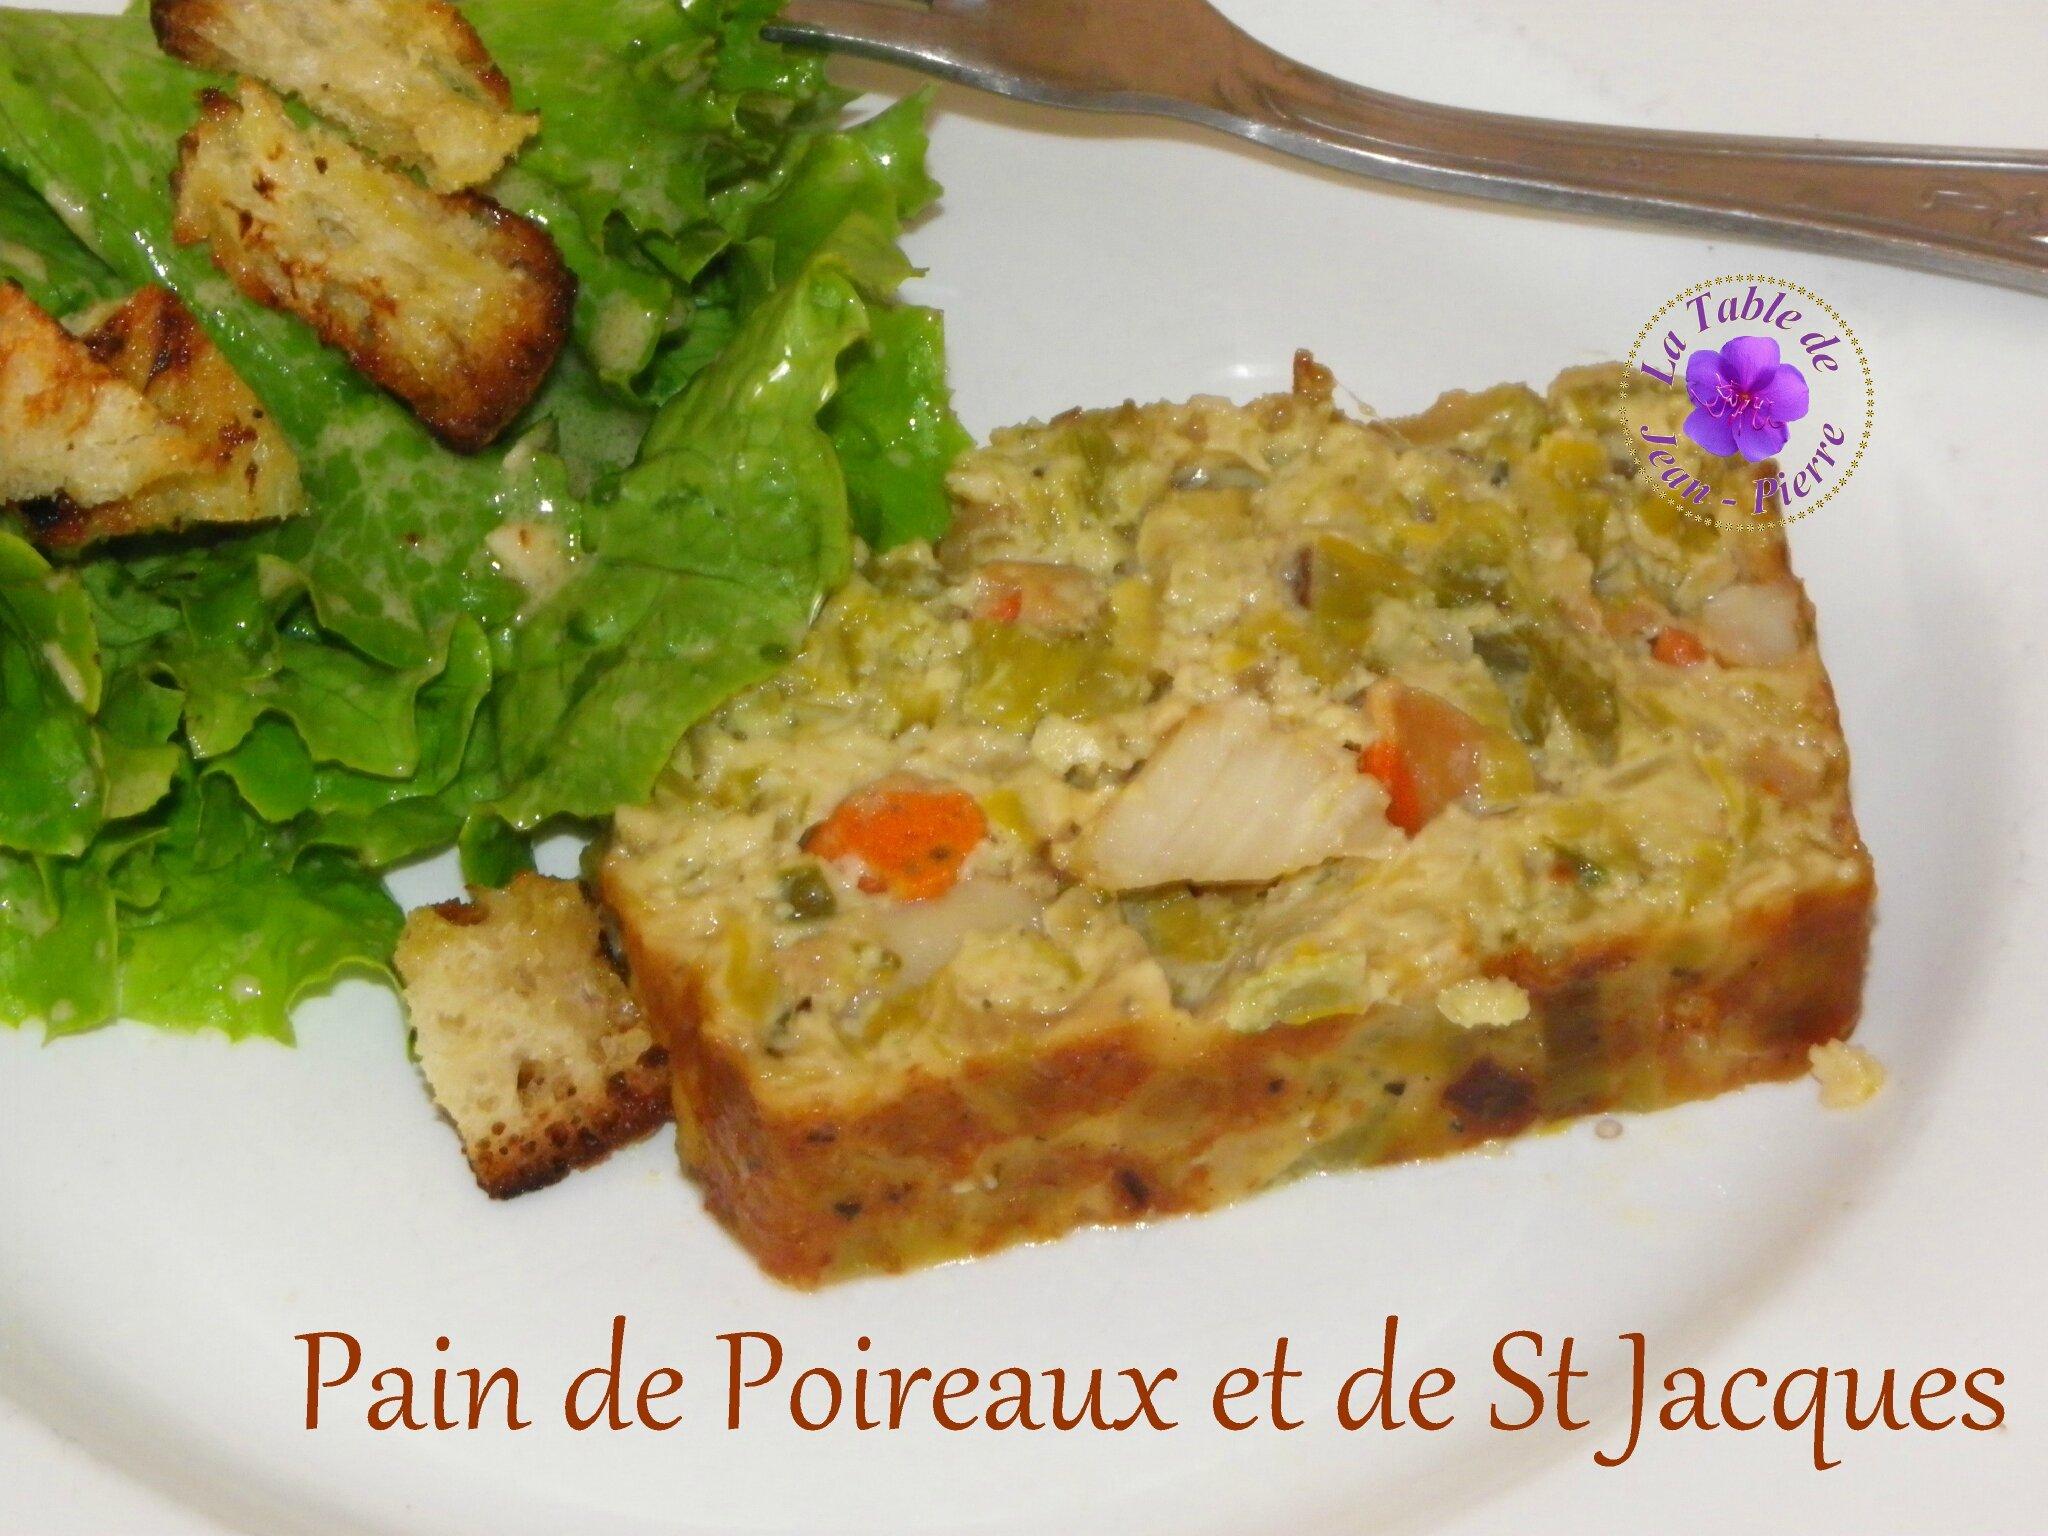 Pain de Poireaux aux Noix de St Jacques